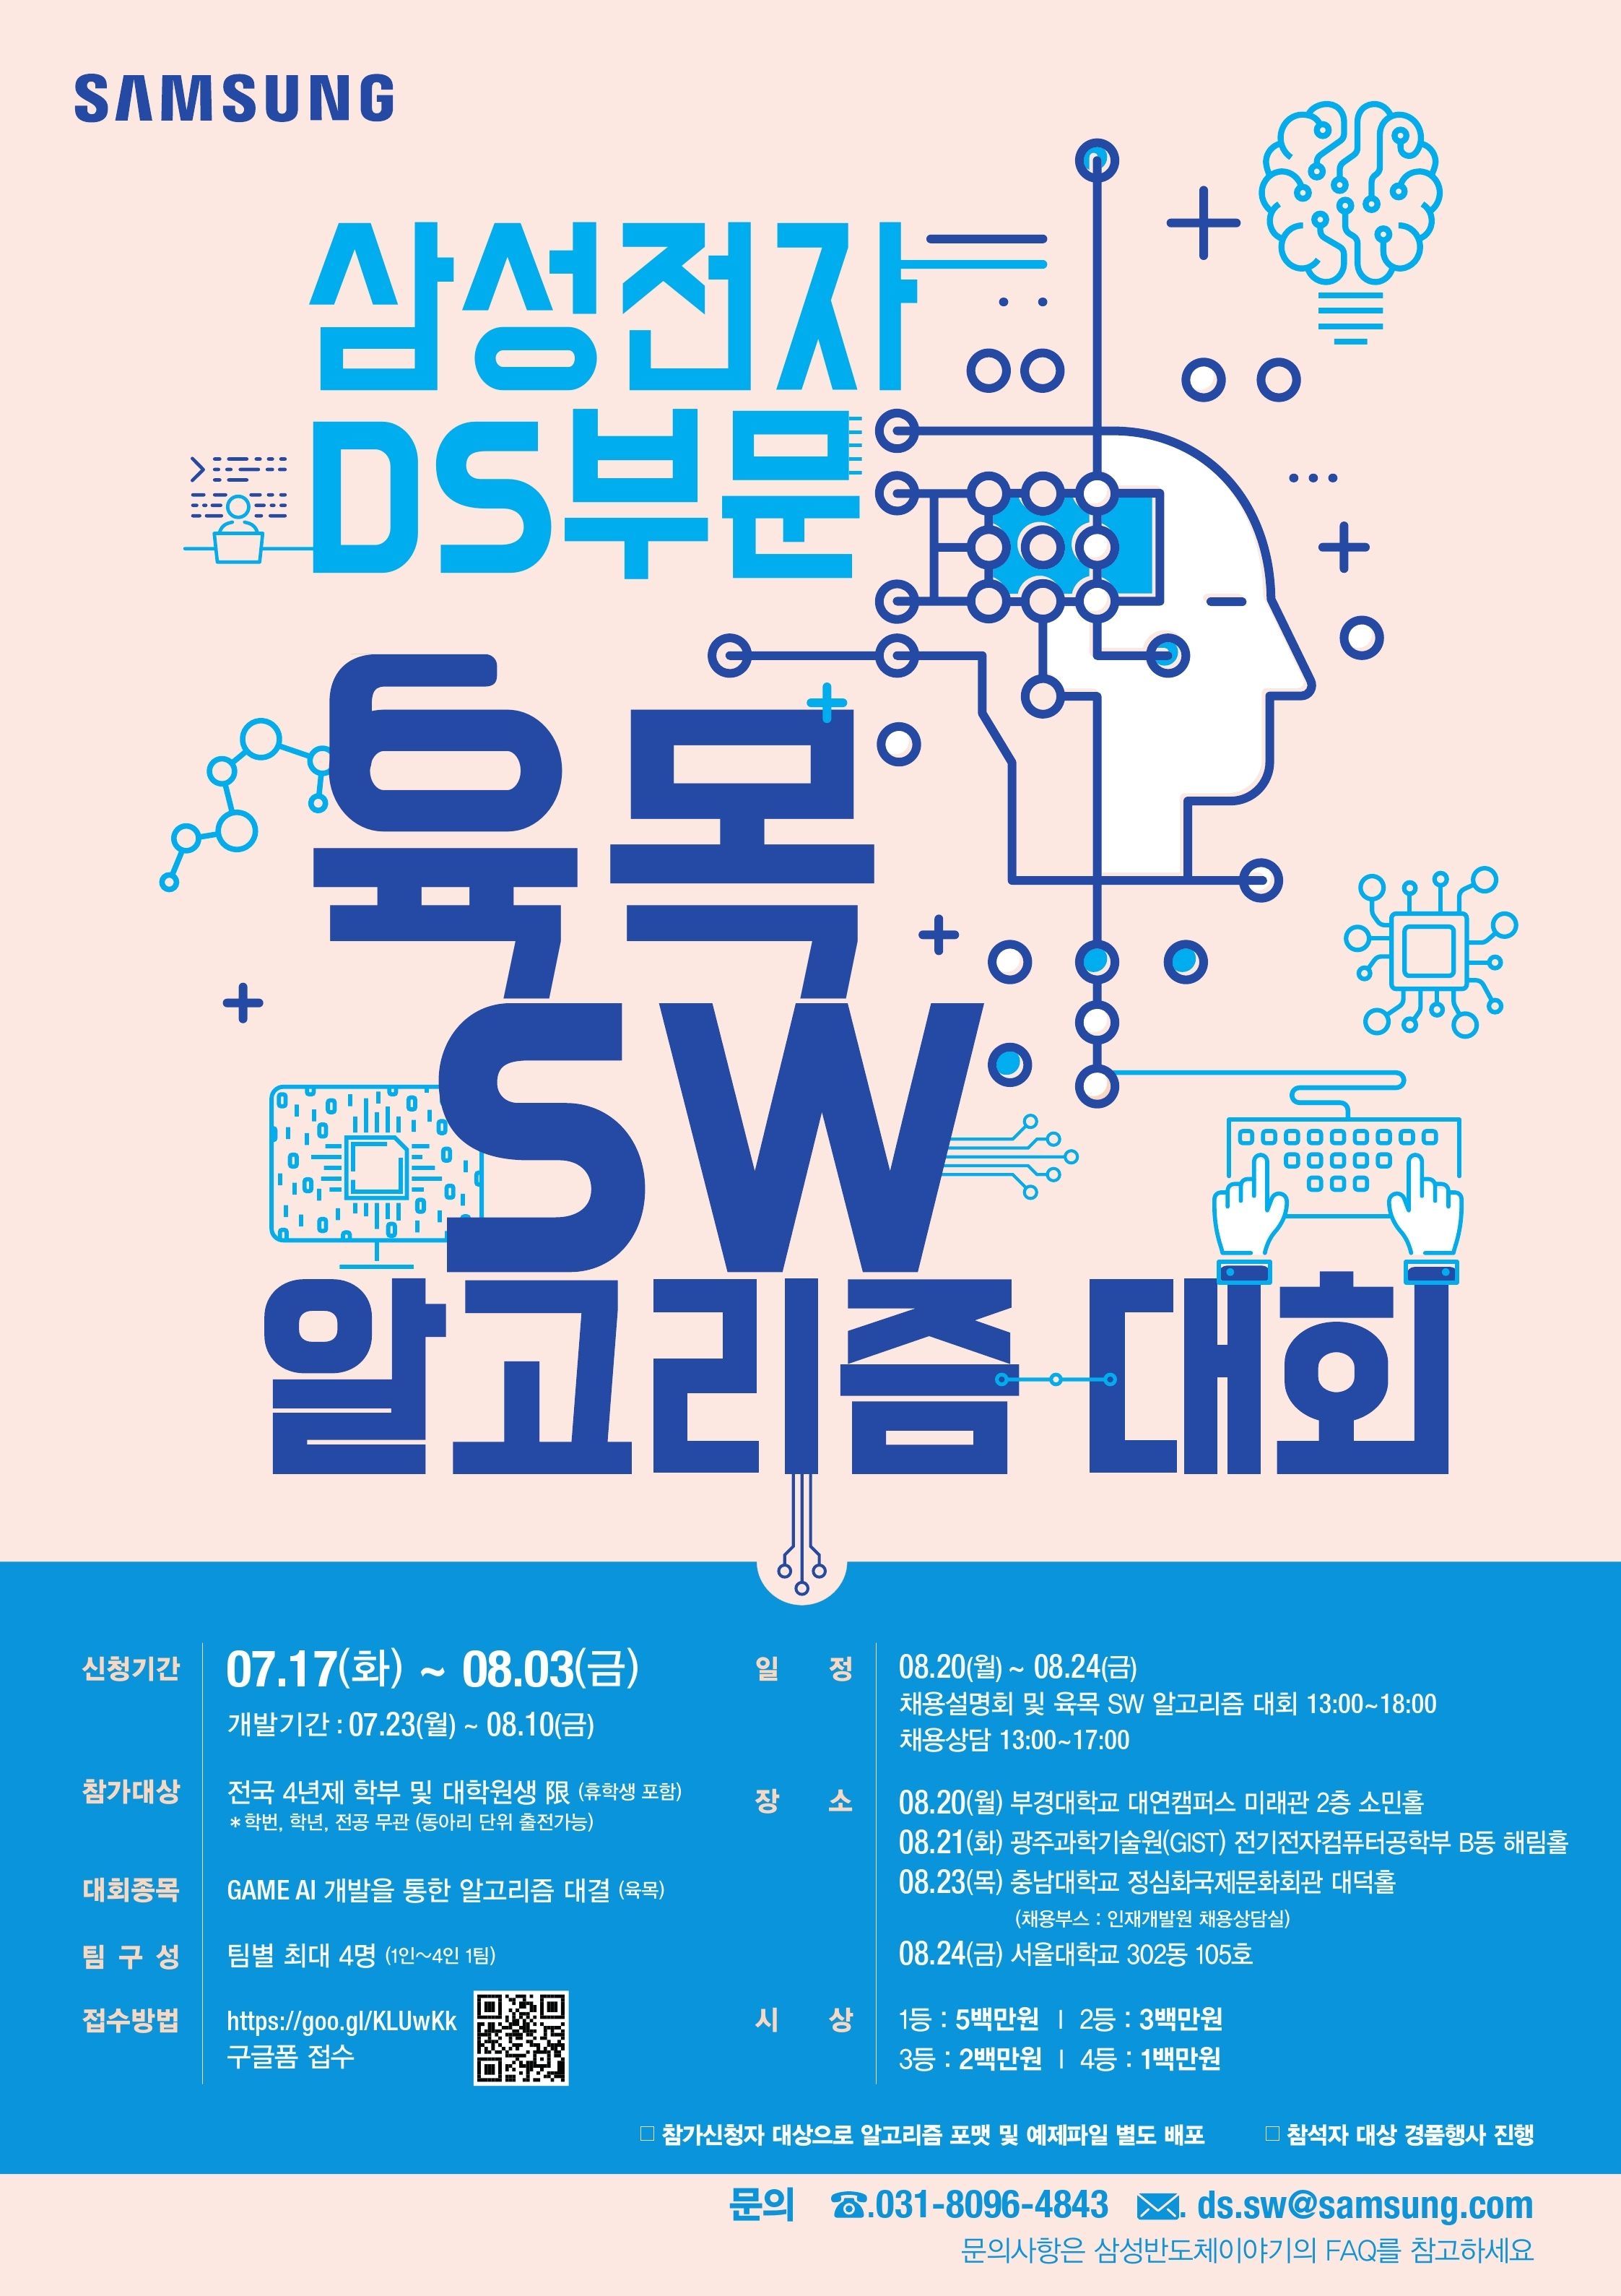 삼성전자 DS부문 육목 SW 알고리즘 대회 포스터.jpg